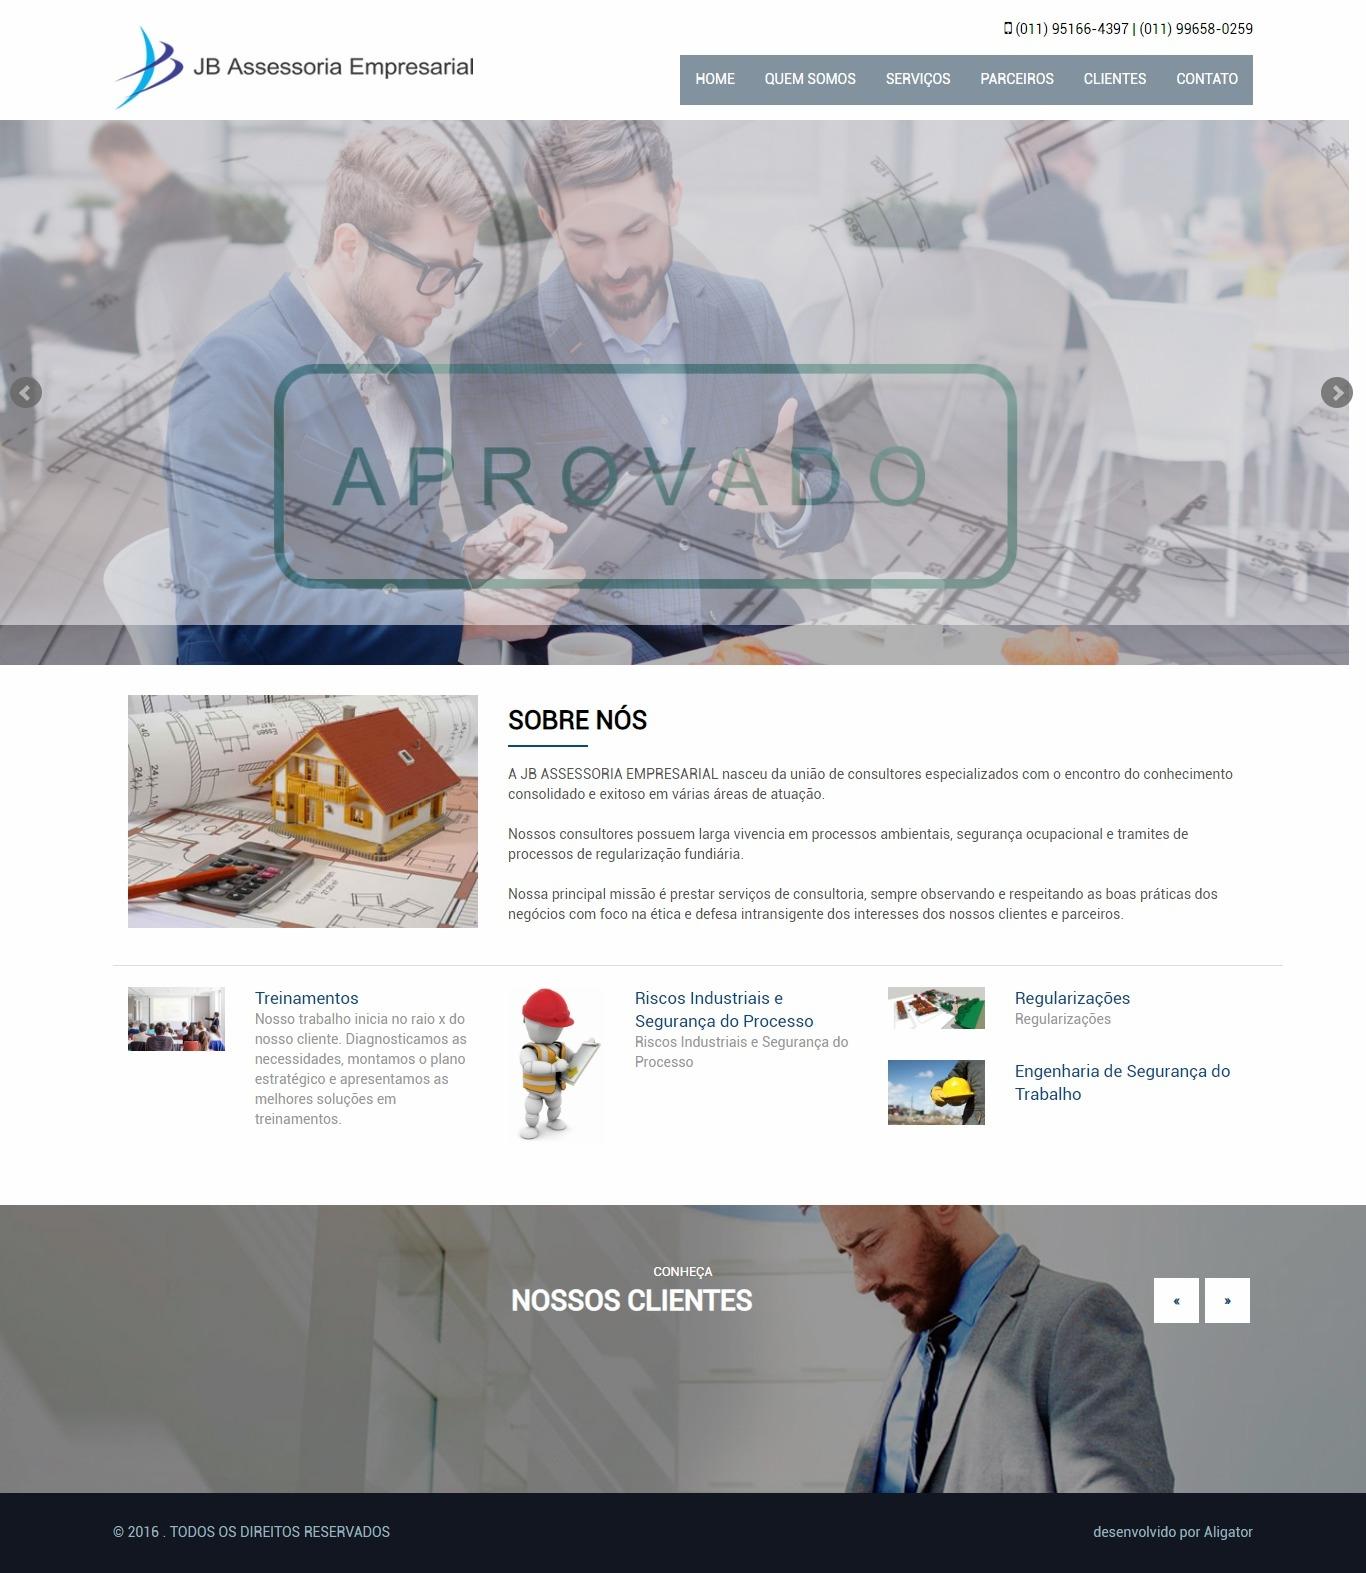 Criação do site JB Assessoria Empresarial